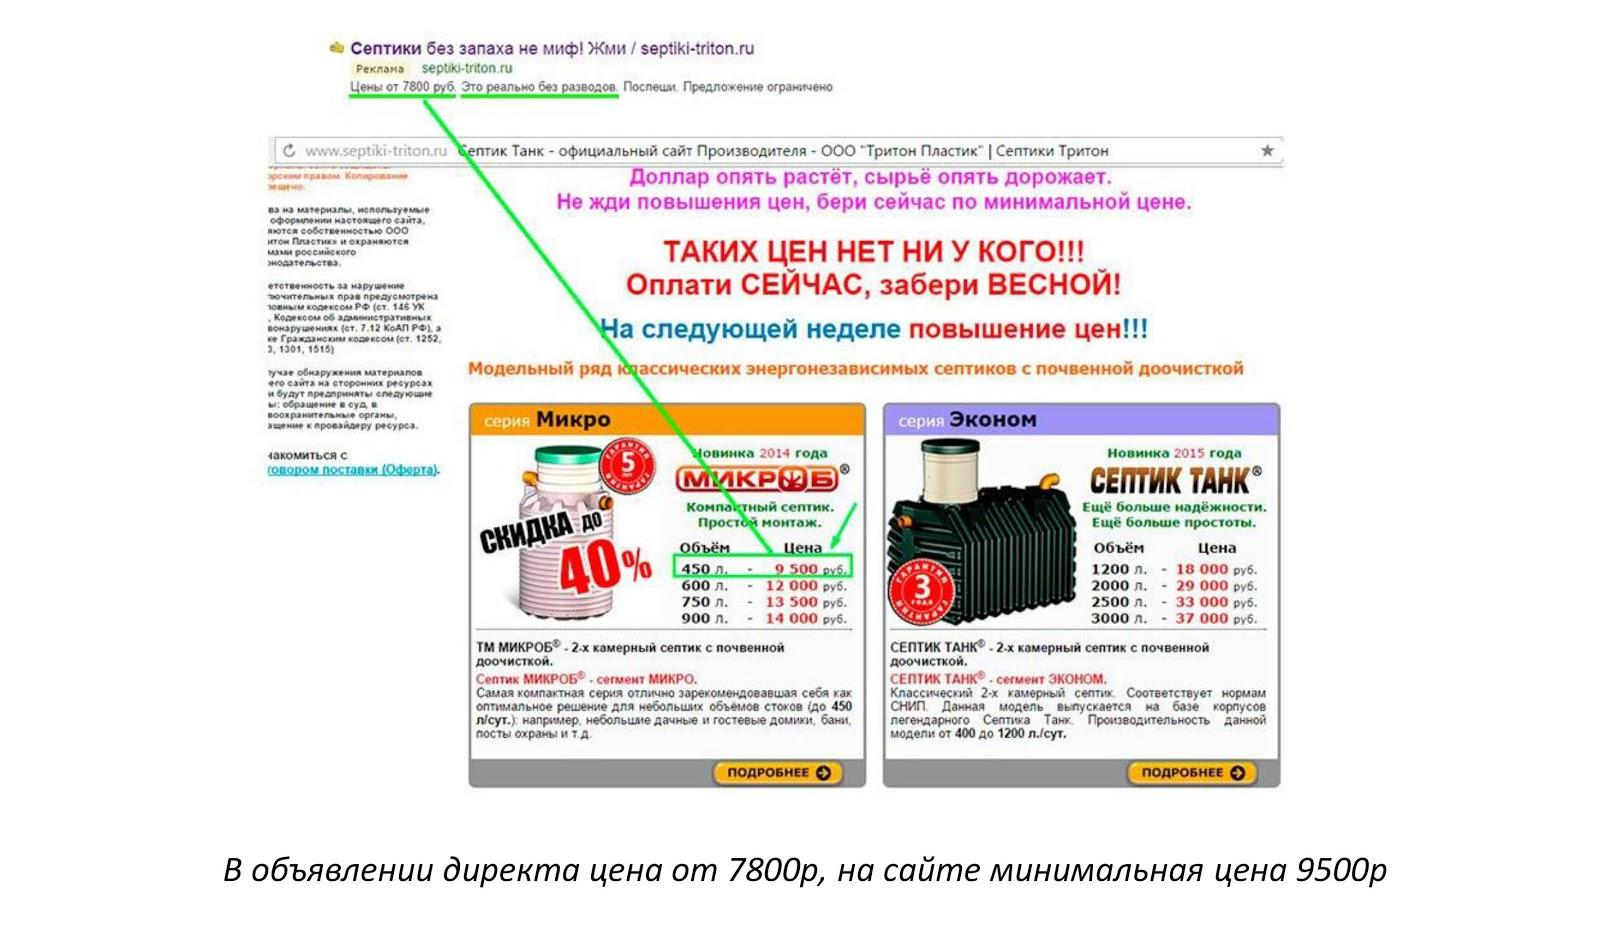 LiveInternet. Официальный интернет-портал правовой информации · Инвестпортал Выселковского района.